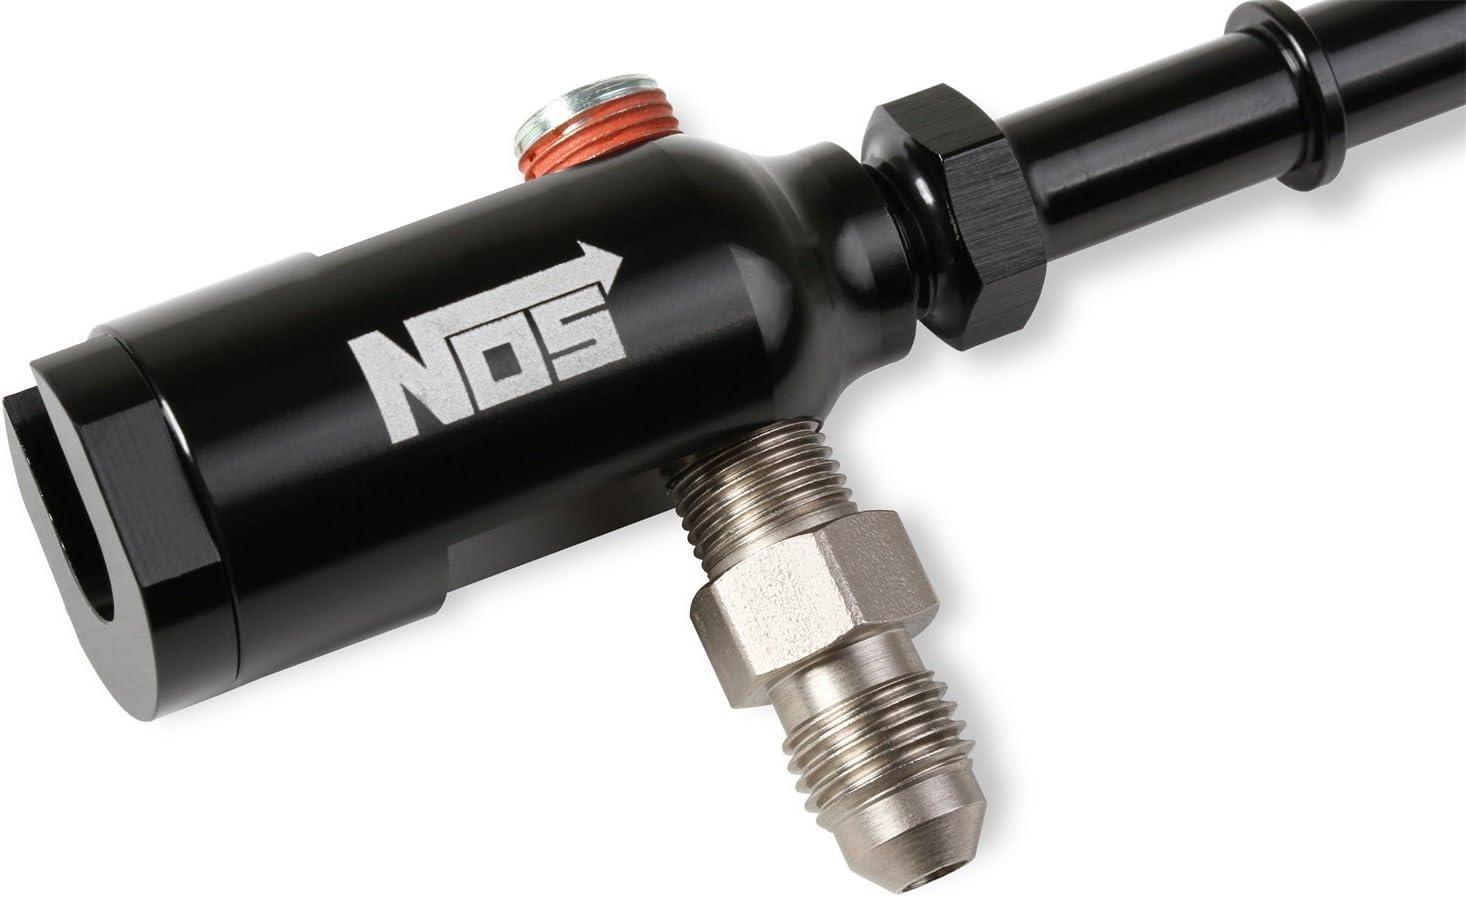 NOS 17002NOS Fuel Line Adapter